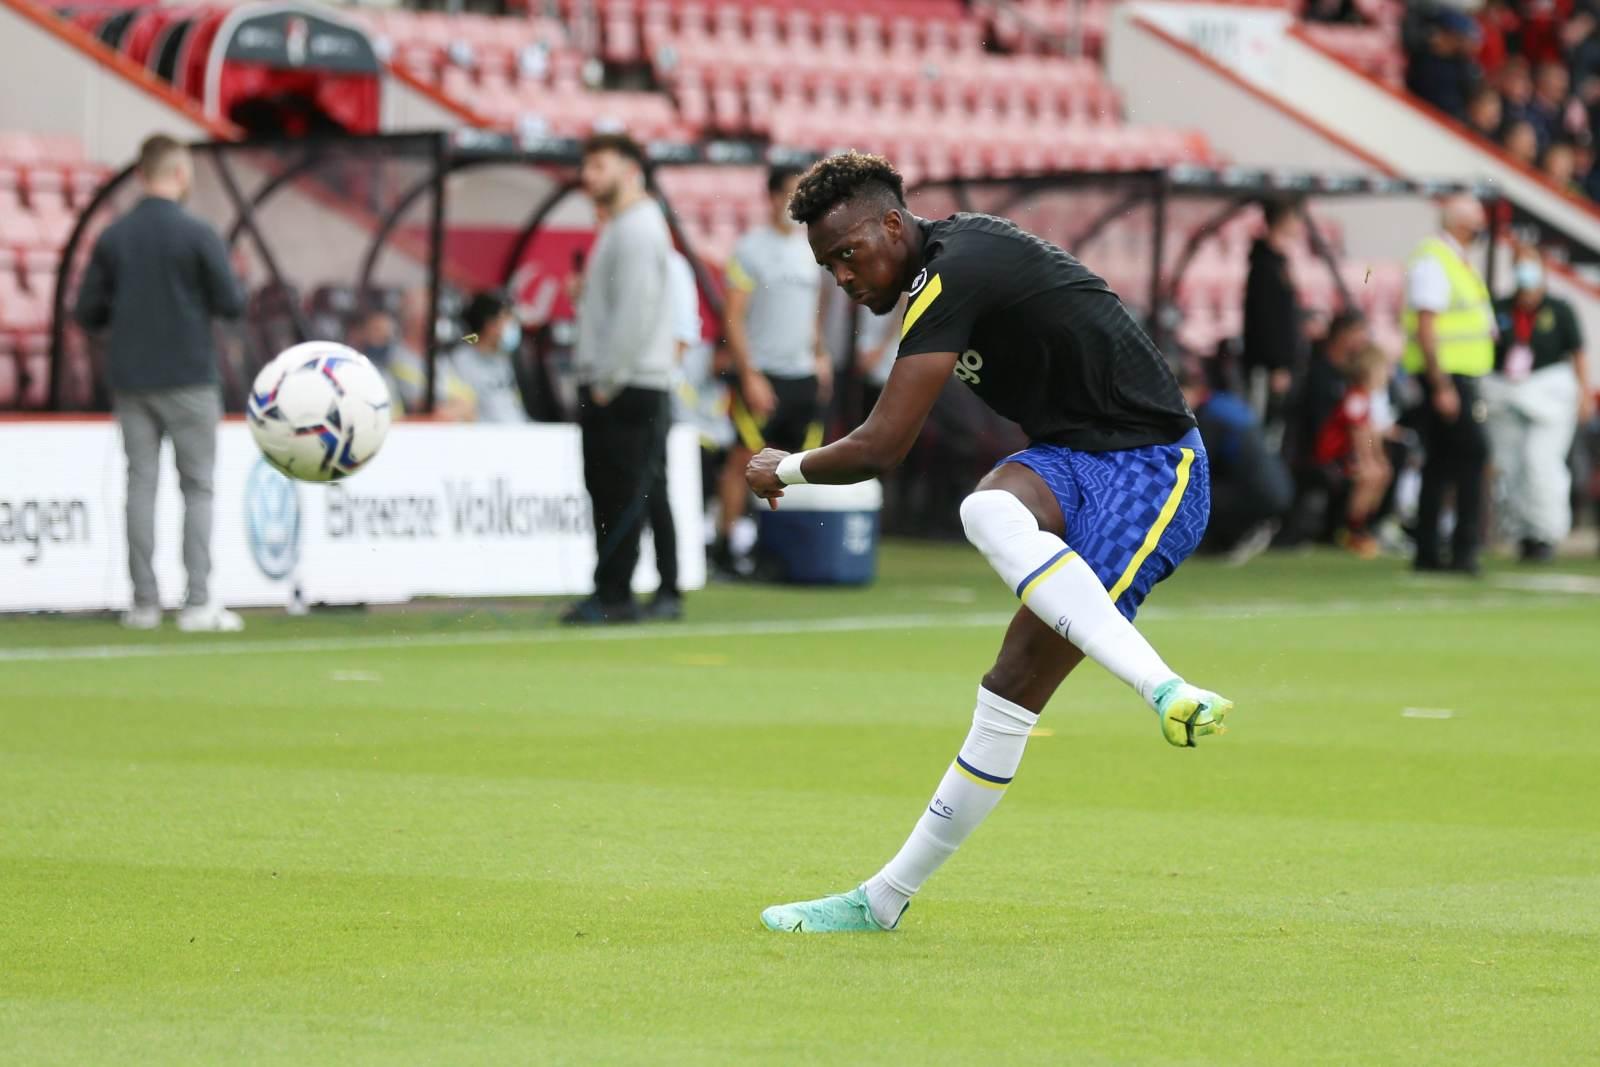 Абрахам тренировался в общей группе перед матчем с «Ювентусом»